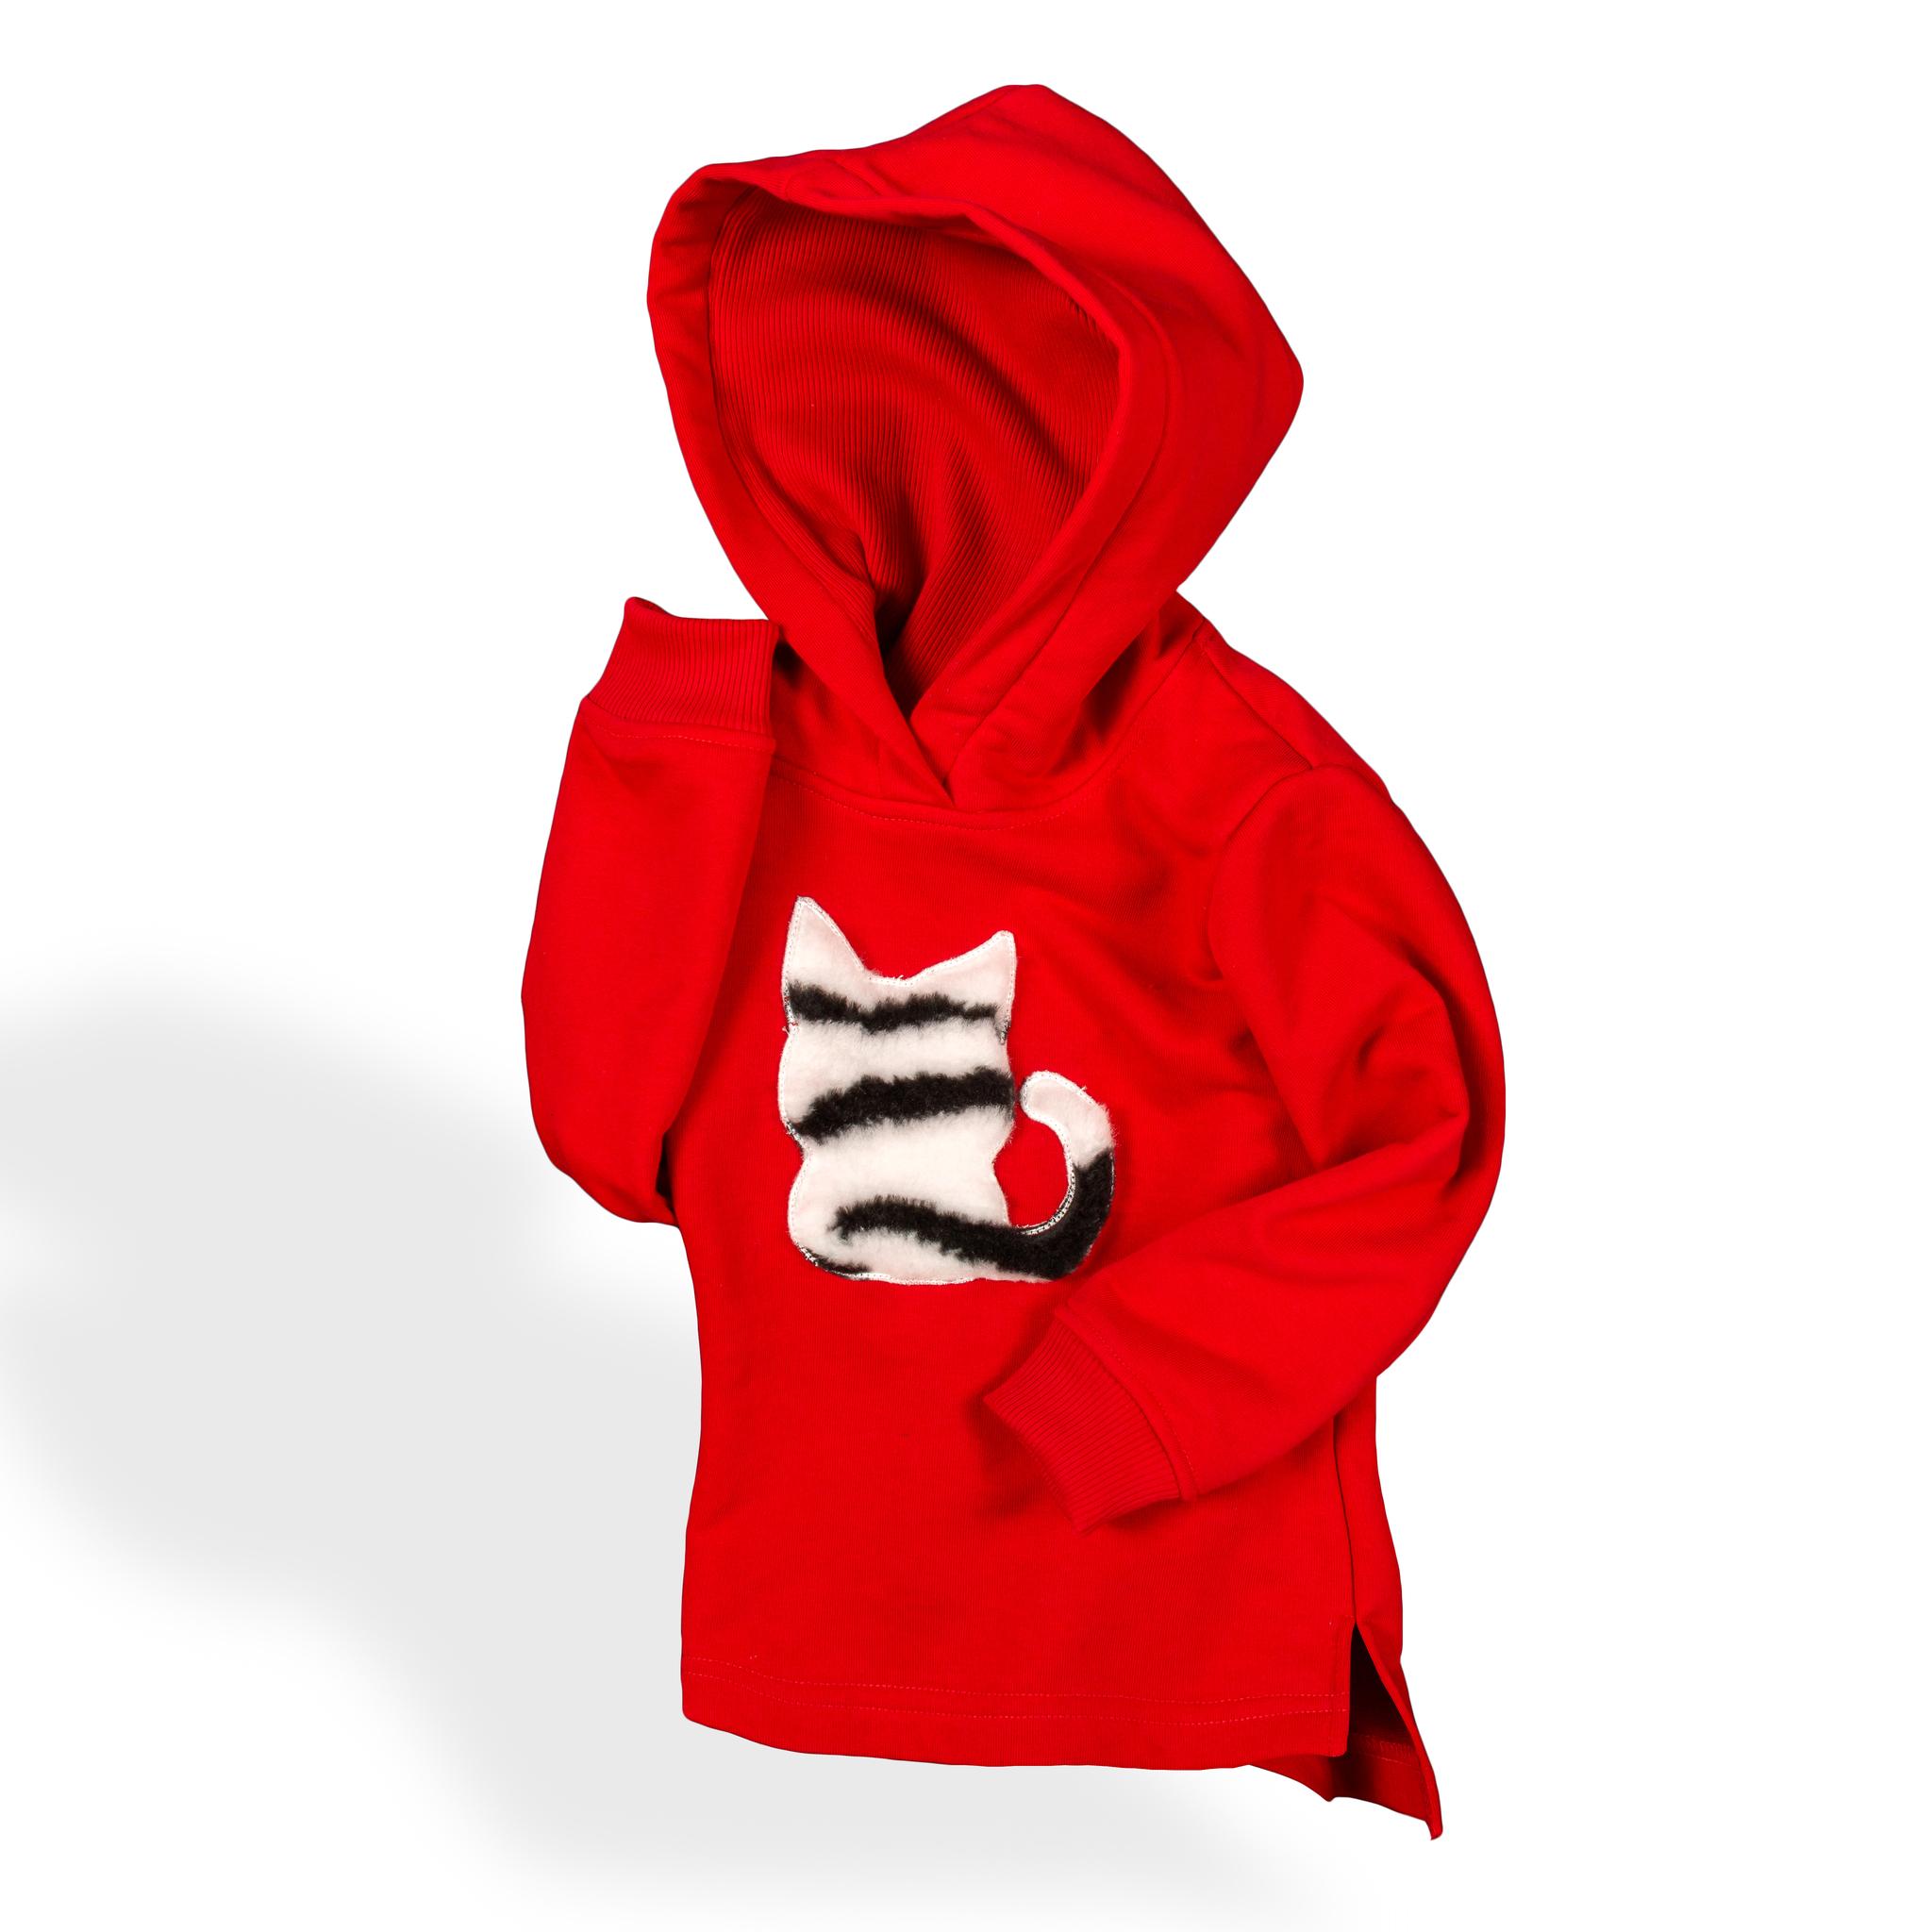 LACITTA KIDS - новая линейка детской одежды